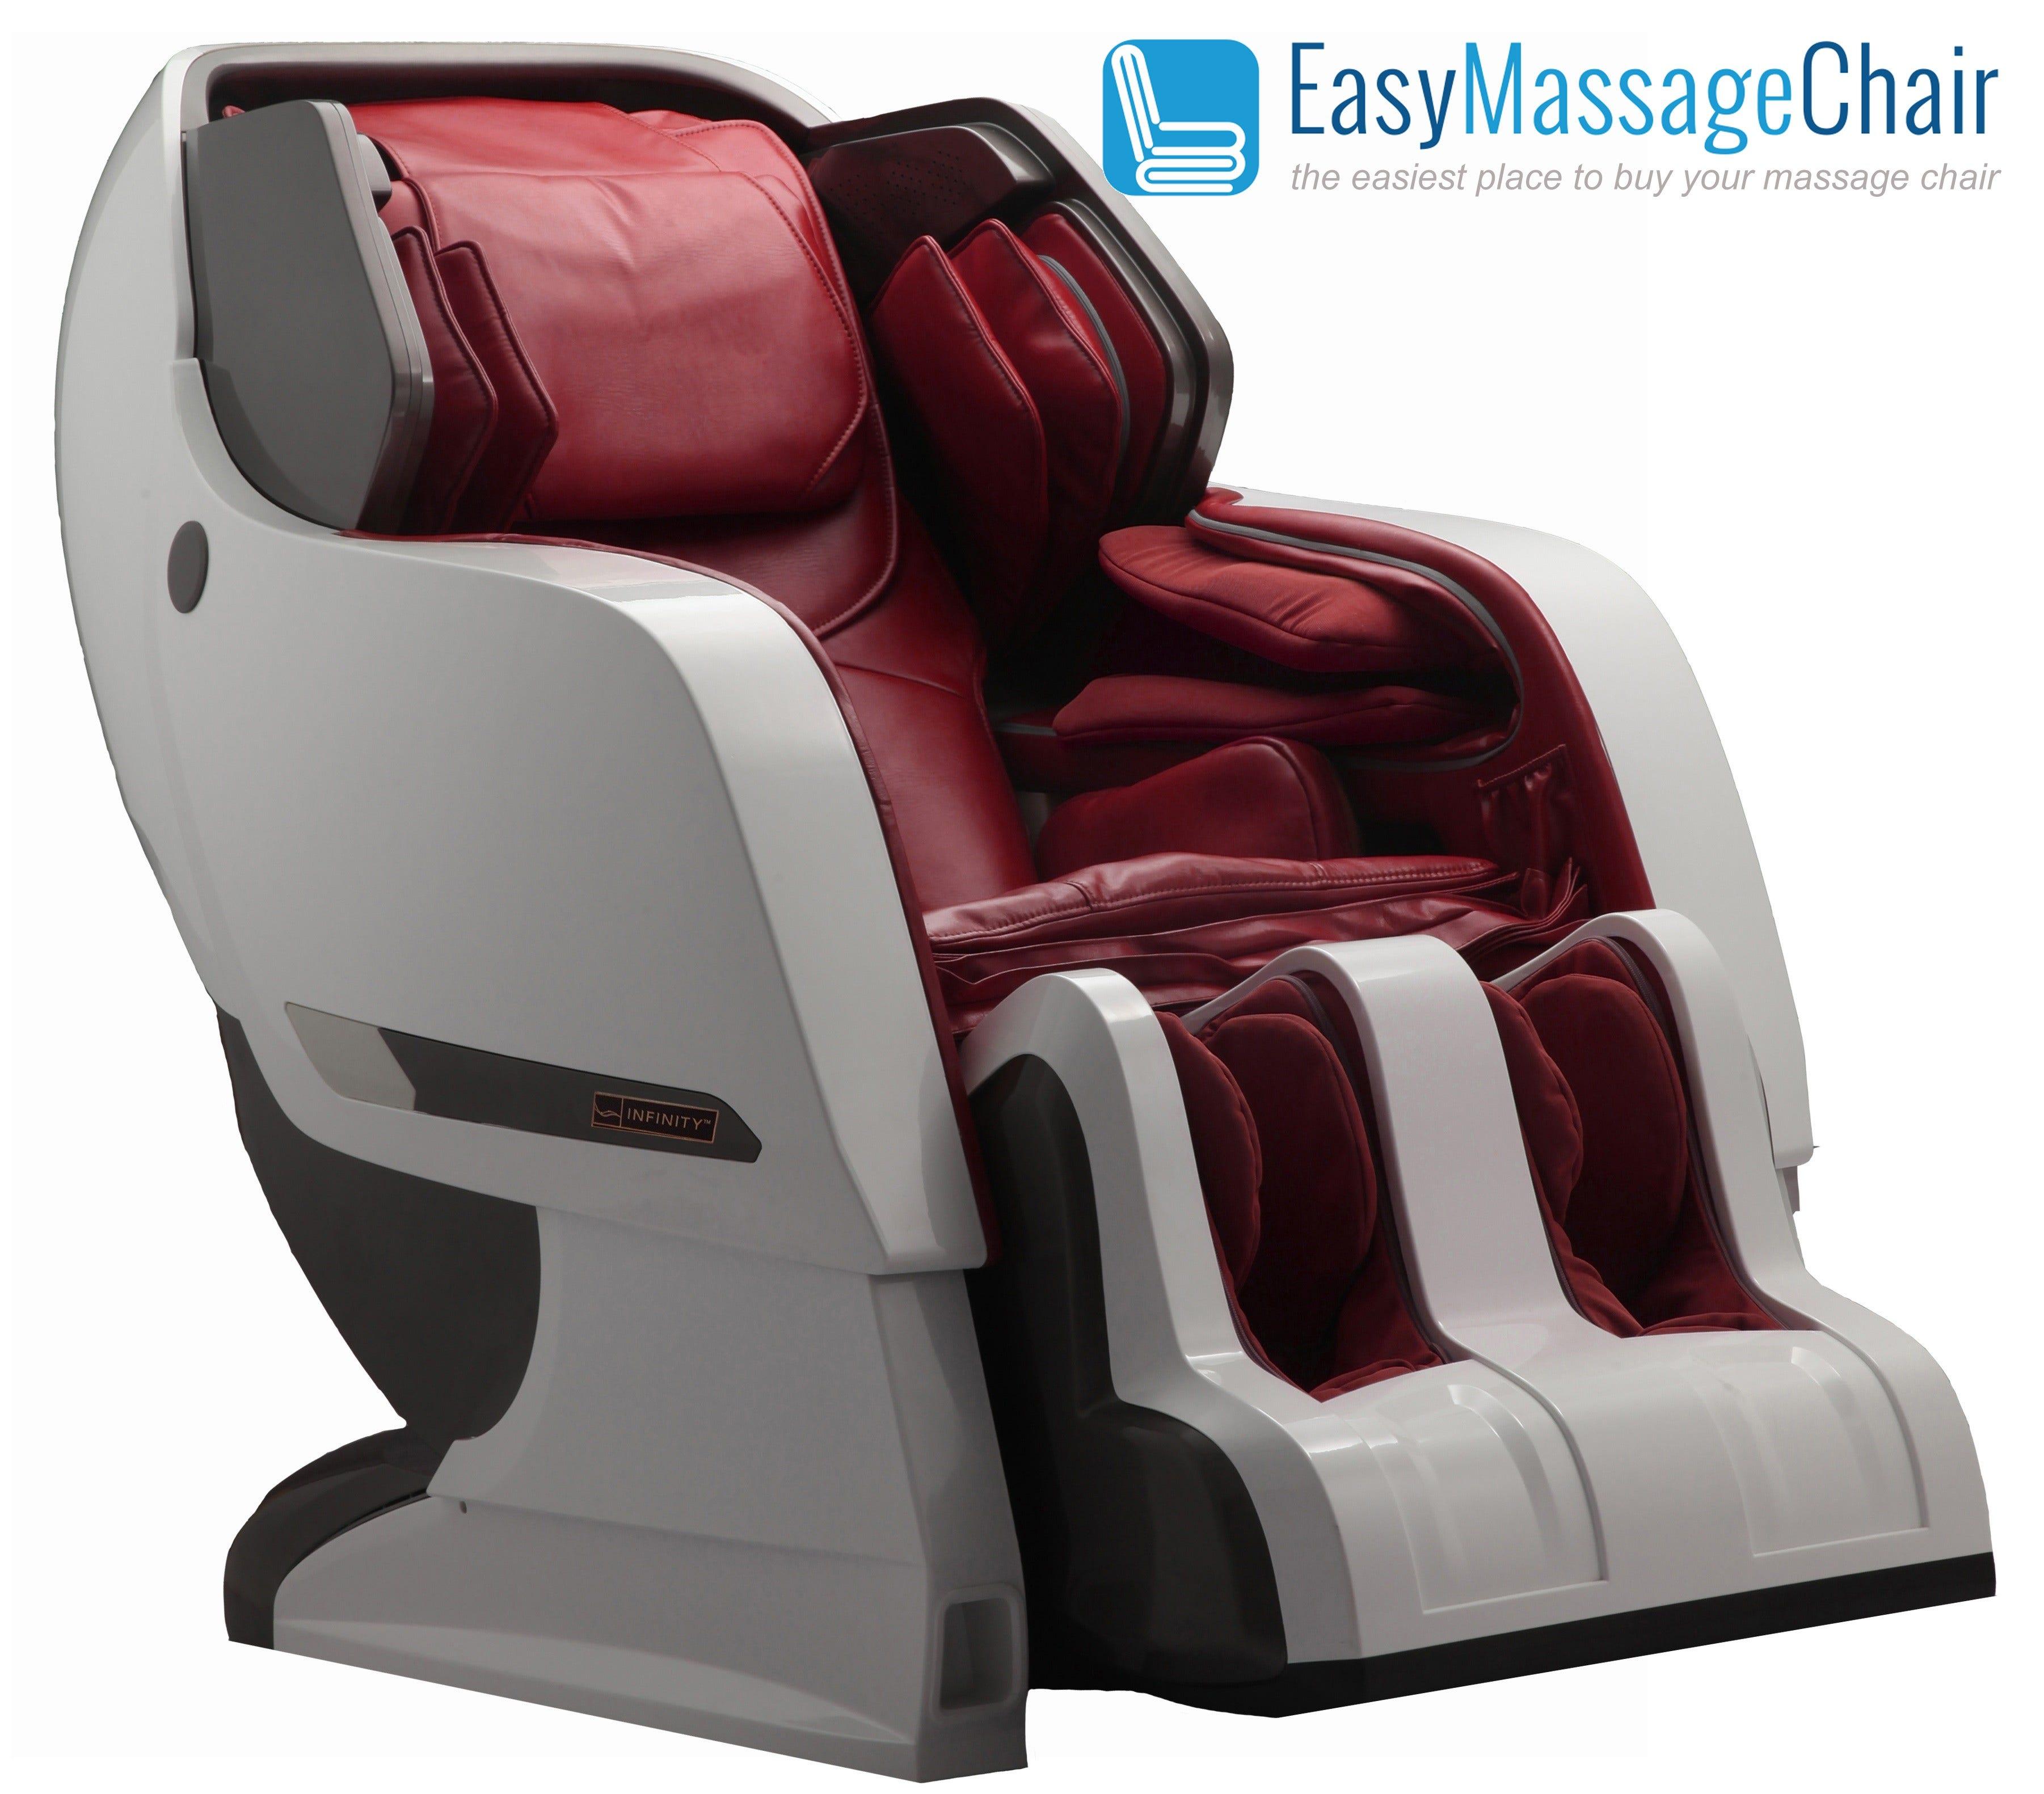 Osim Uastro 2 Massage Chair Related Keywords & Suggestions Osim